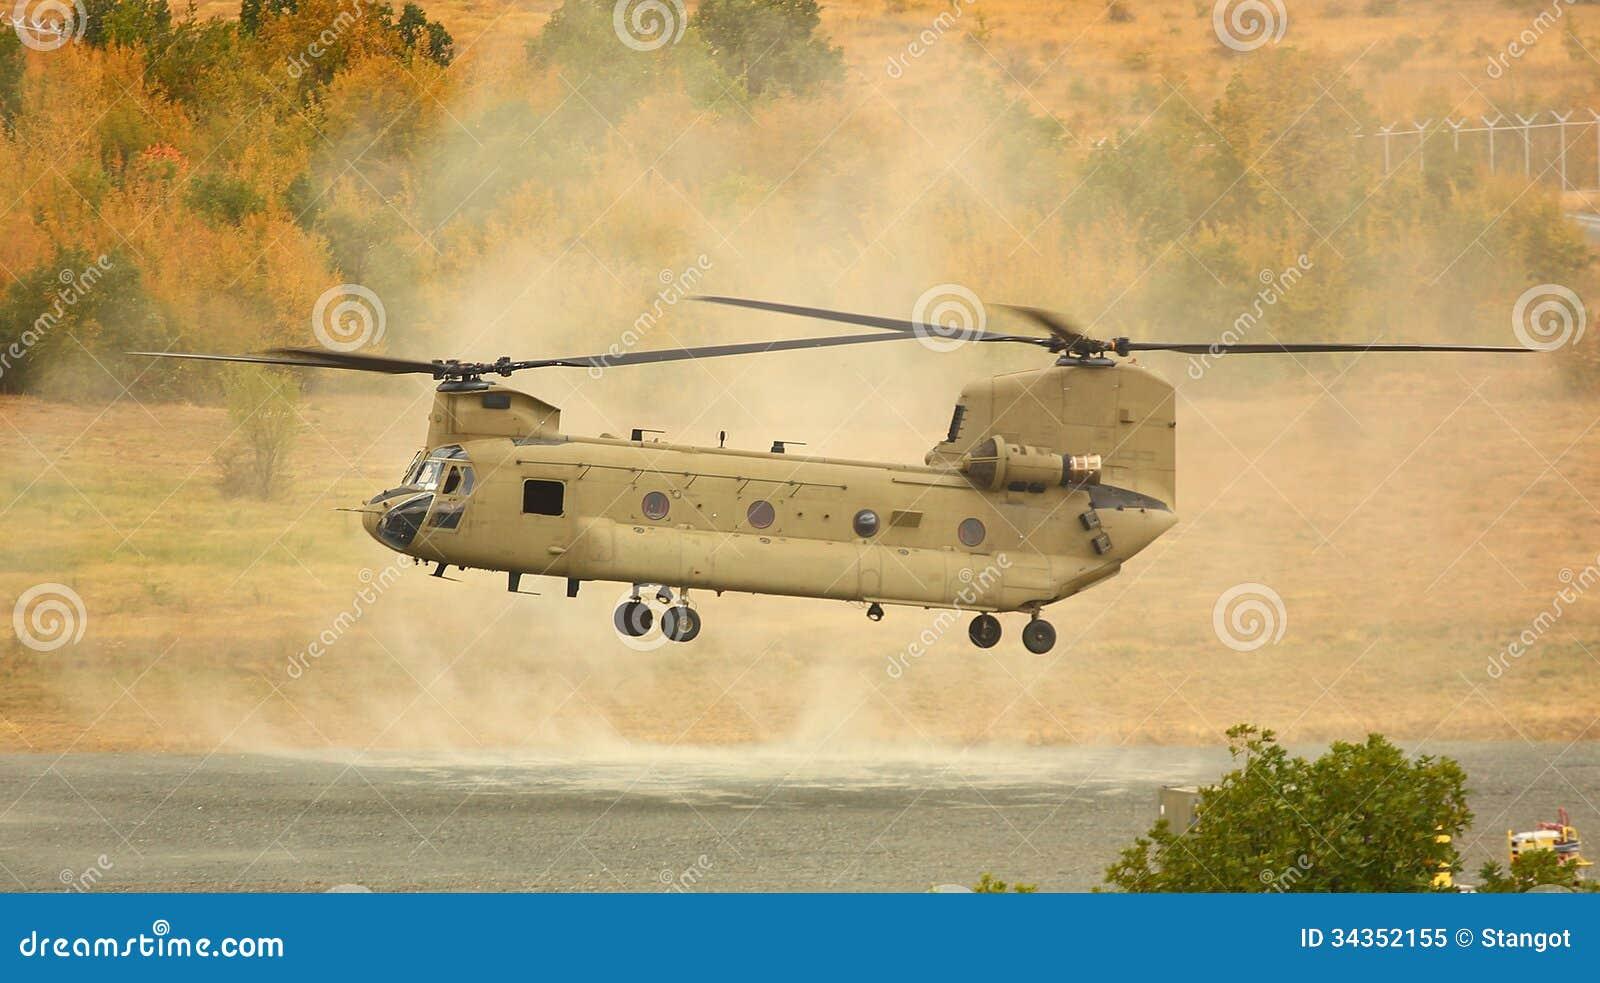 Elicottero Nero : Elicottero immagine stock di rotatorio nero